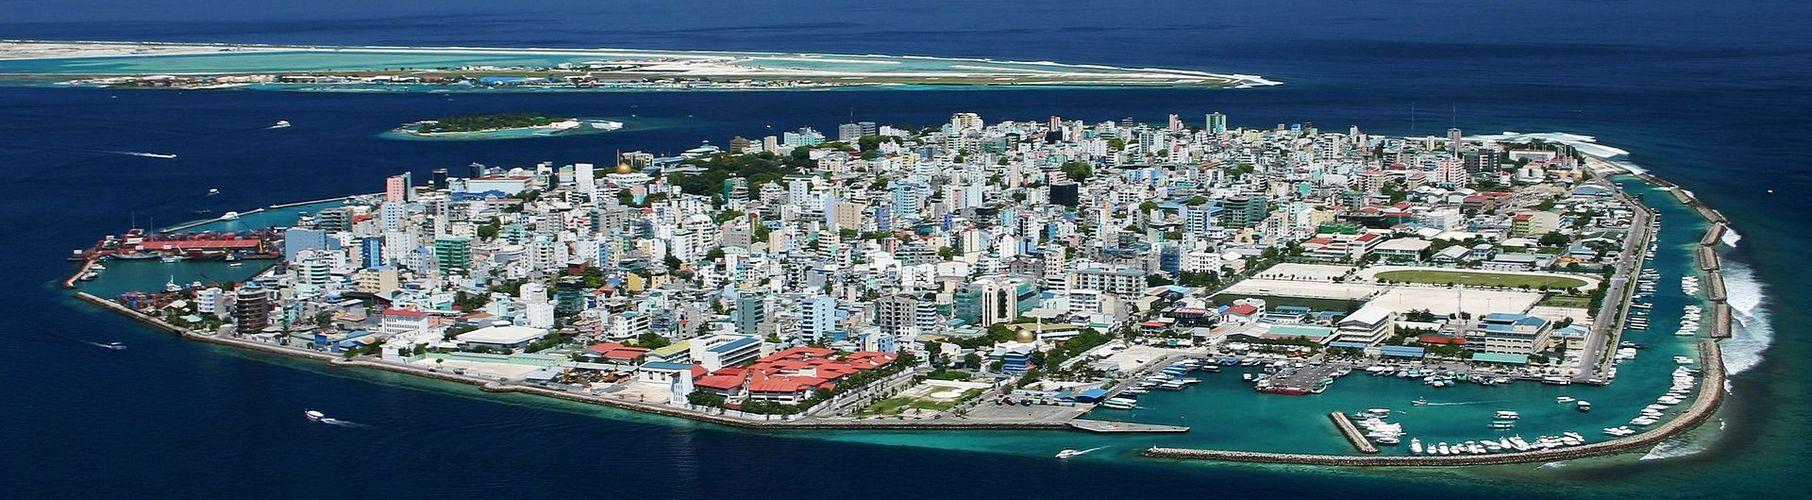 Государство Мальдивская Республика